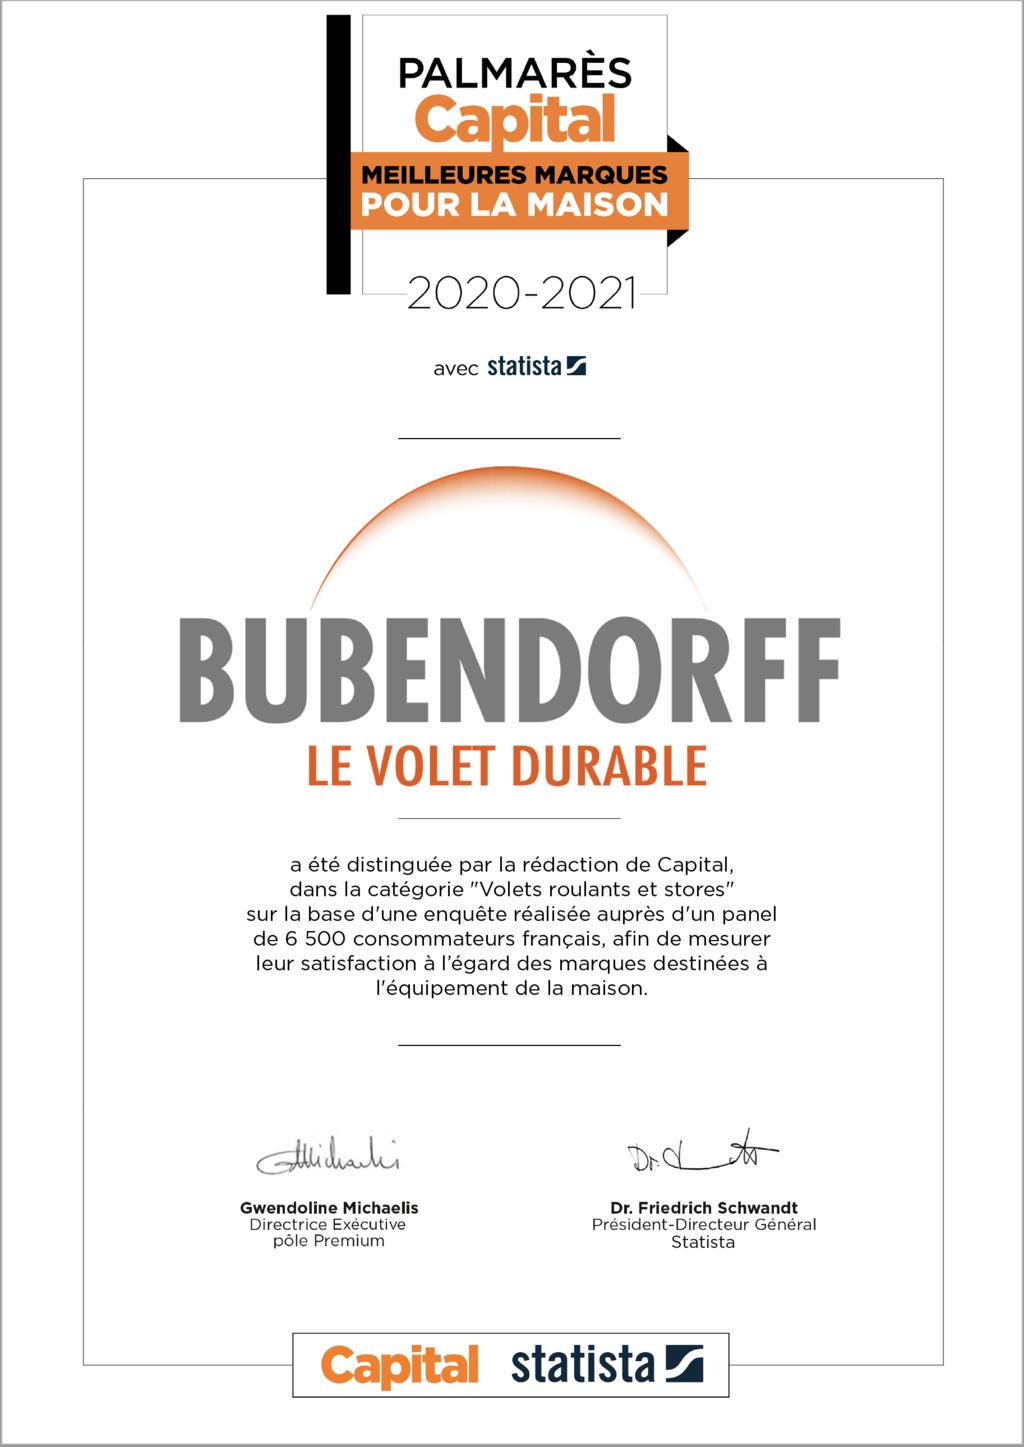 volet bubendorff